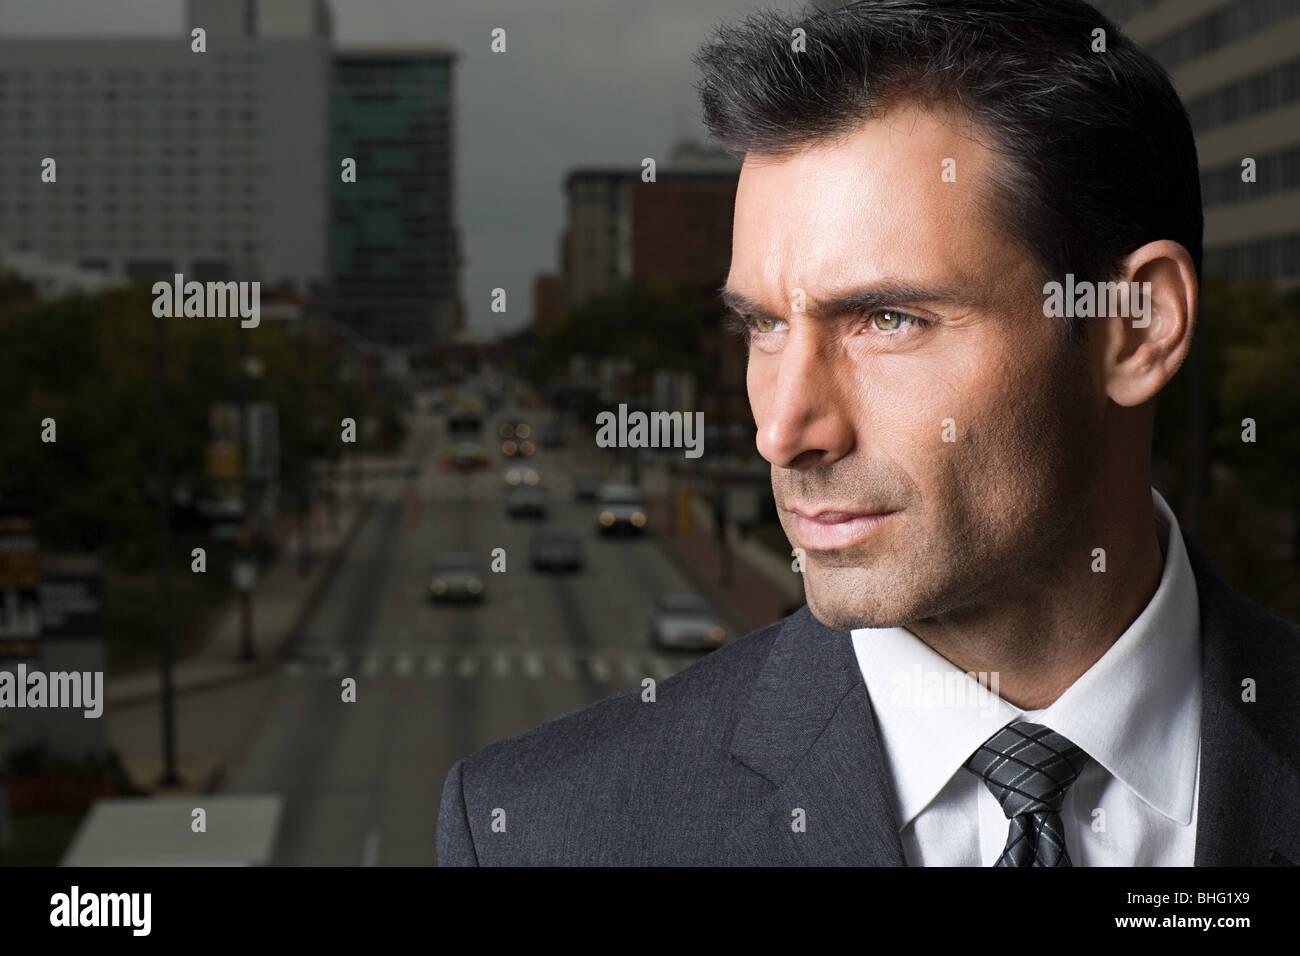 Head shot of a businessman adapté Photo Stock